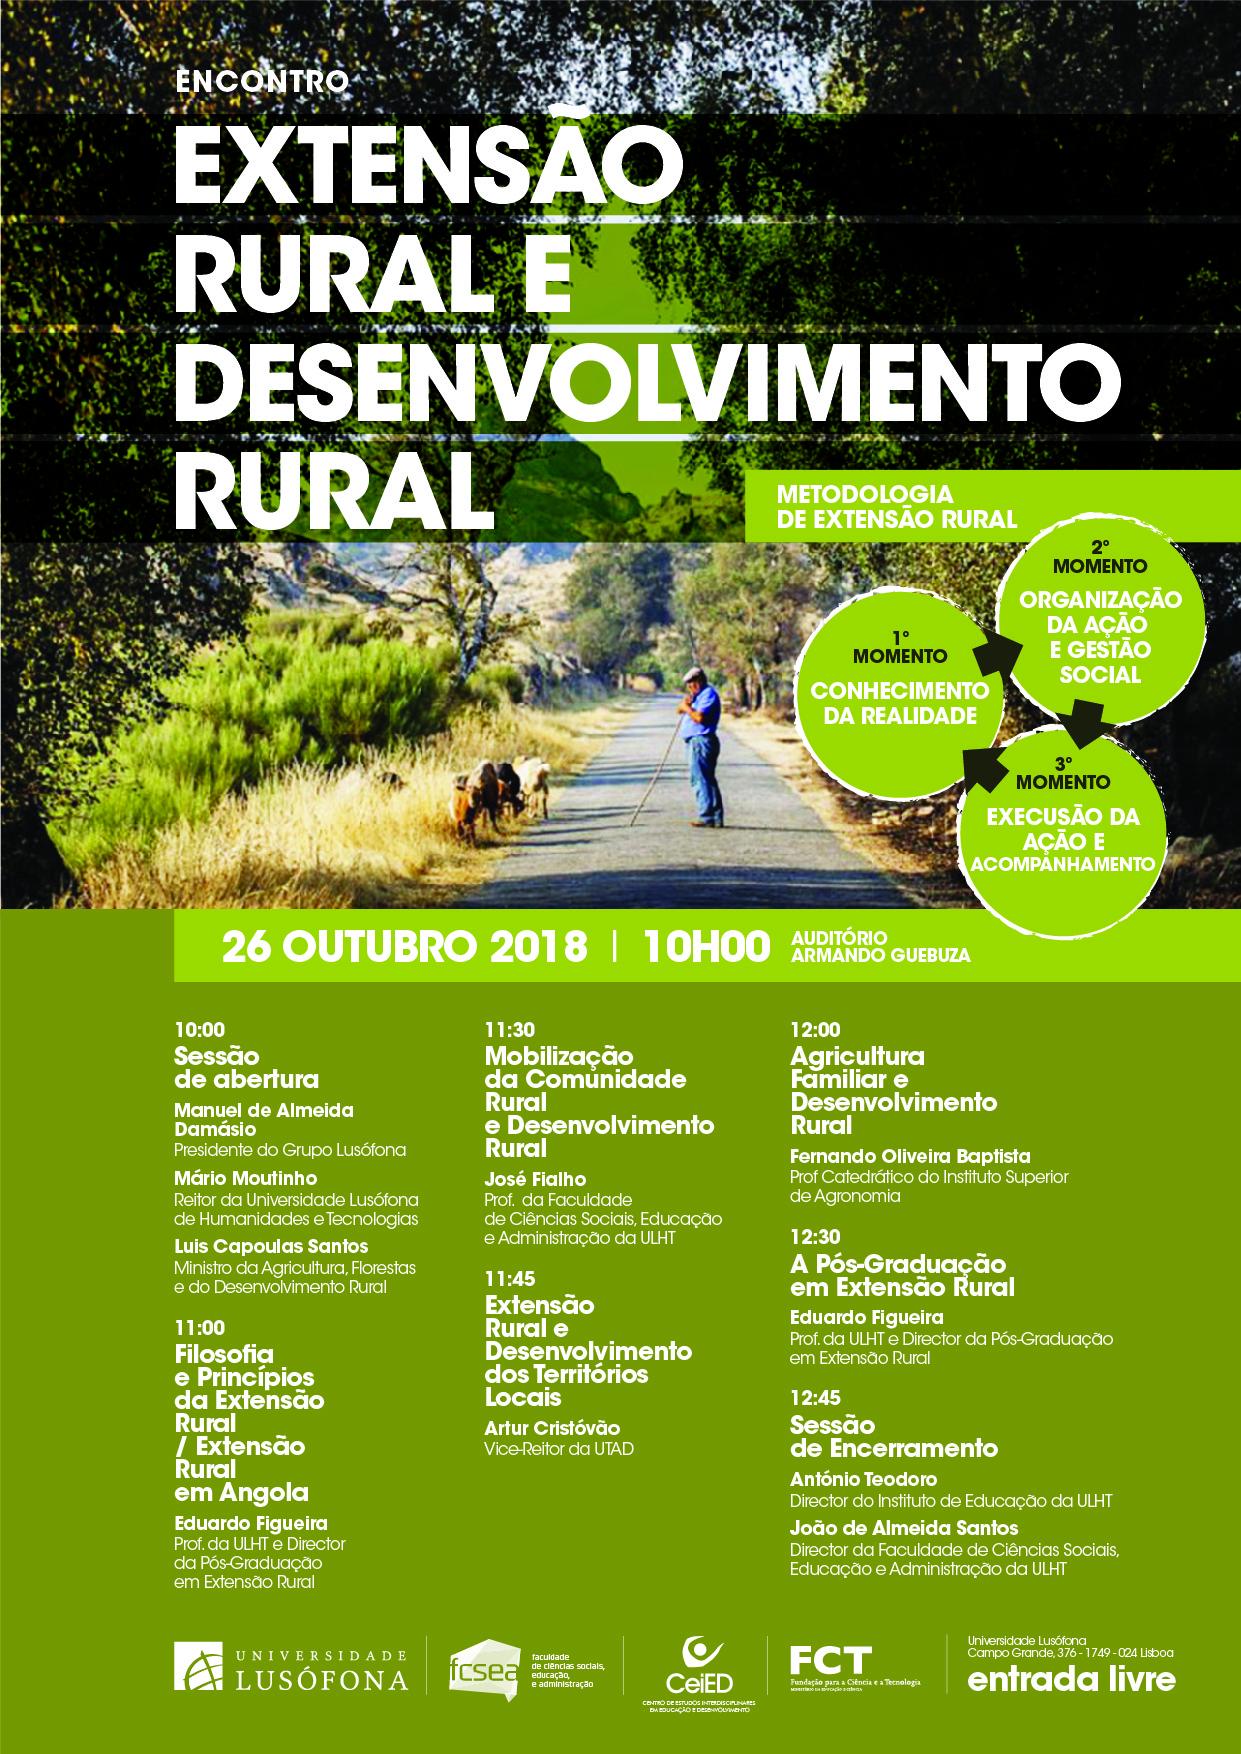 Encontro EXTENSÃO RURAL E DESENVOLVIMENTO RURAL FCSEA